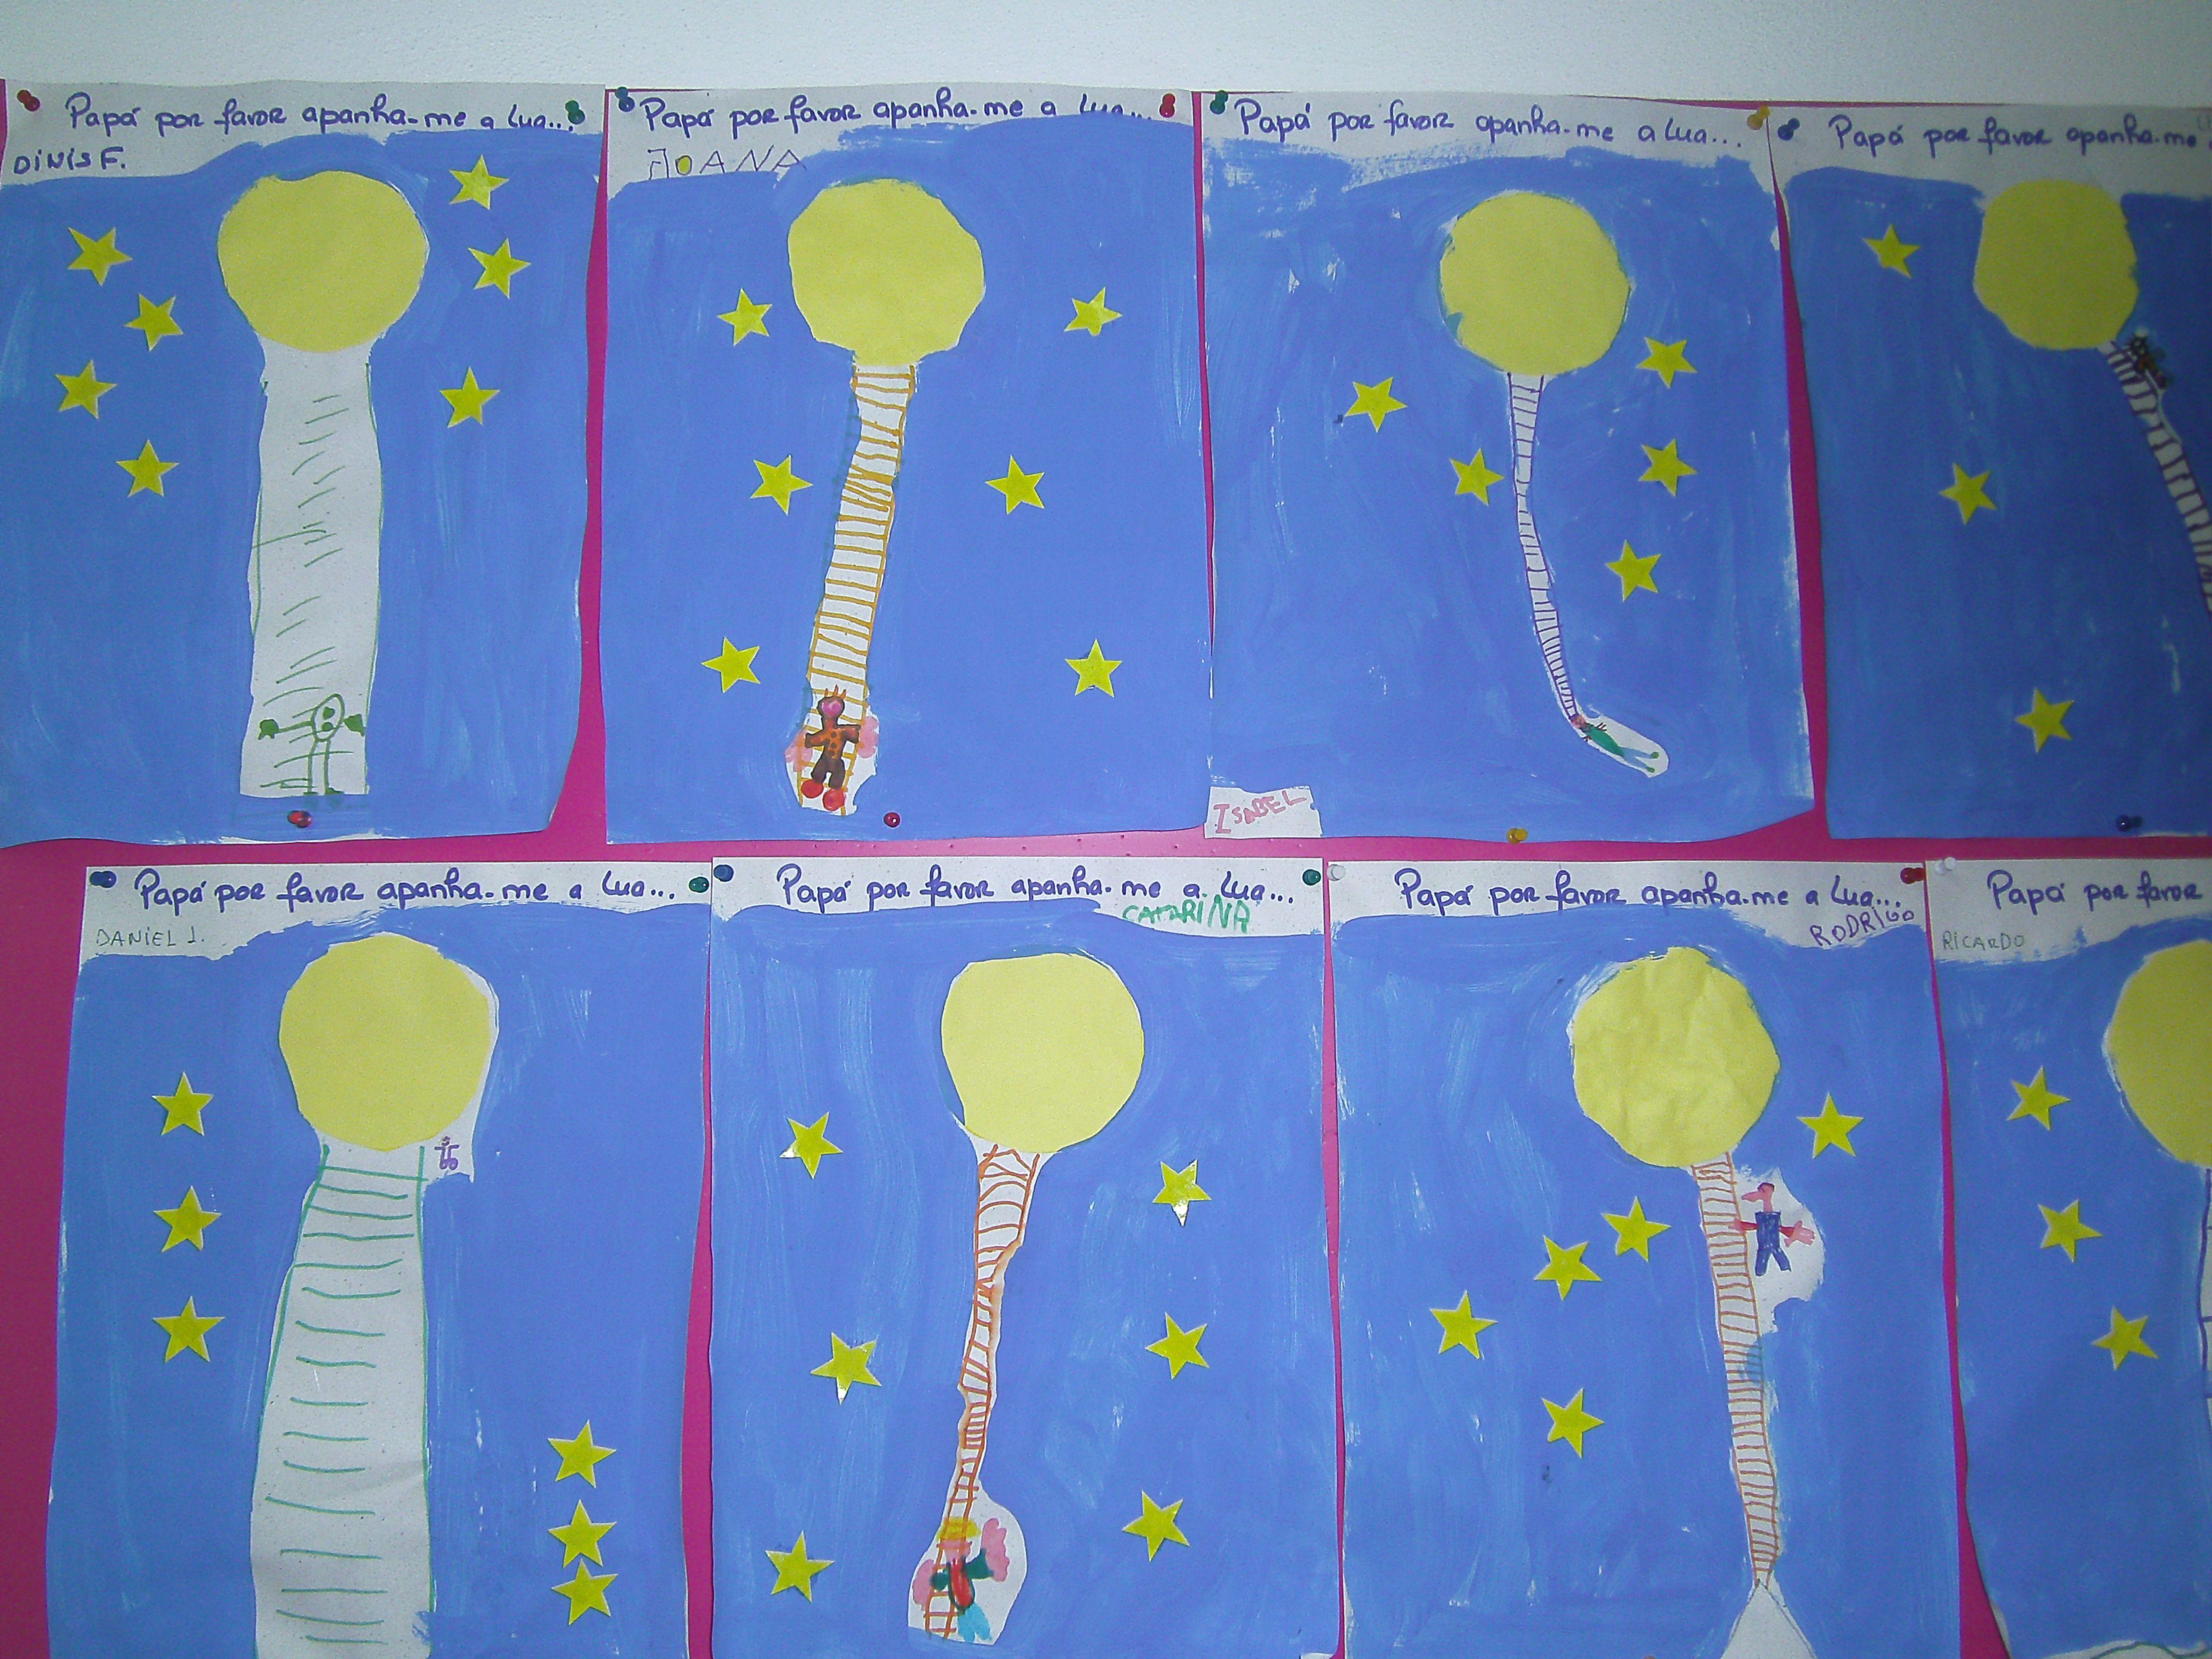 Ilustração da história: Papá por favor apanha-me a lua...